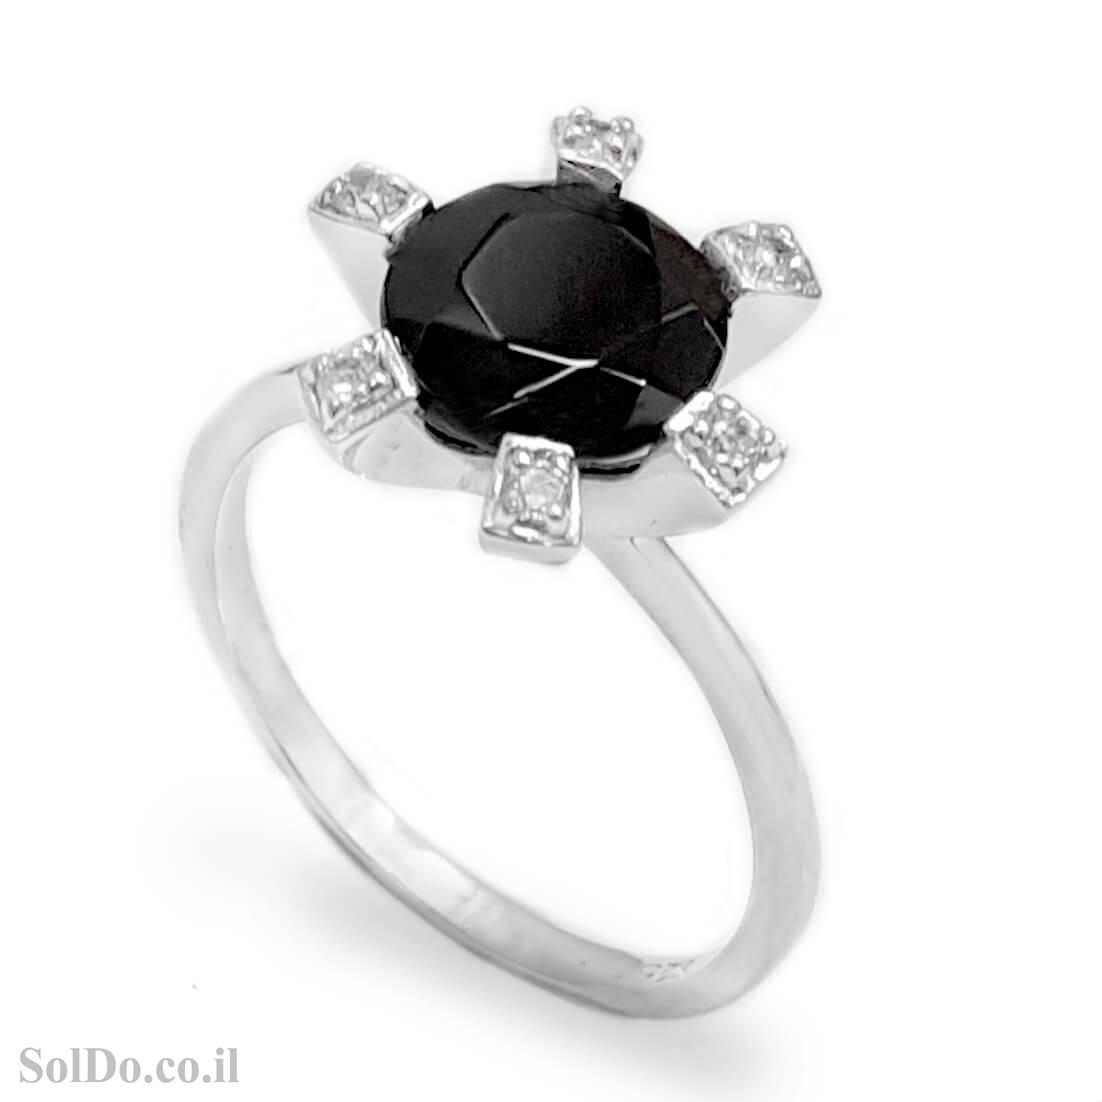 טבעת מכסף משובצת אבן אוניקס שחורה  וזרקונים RG8734 | תכשיטי כסף 925 | טבעות כסף